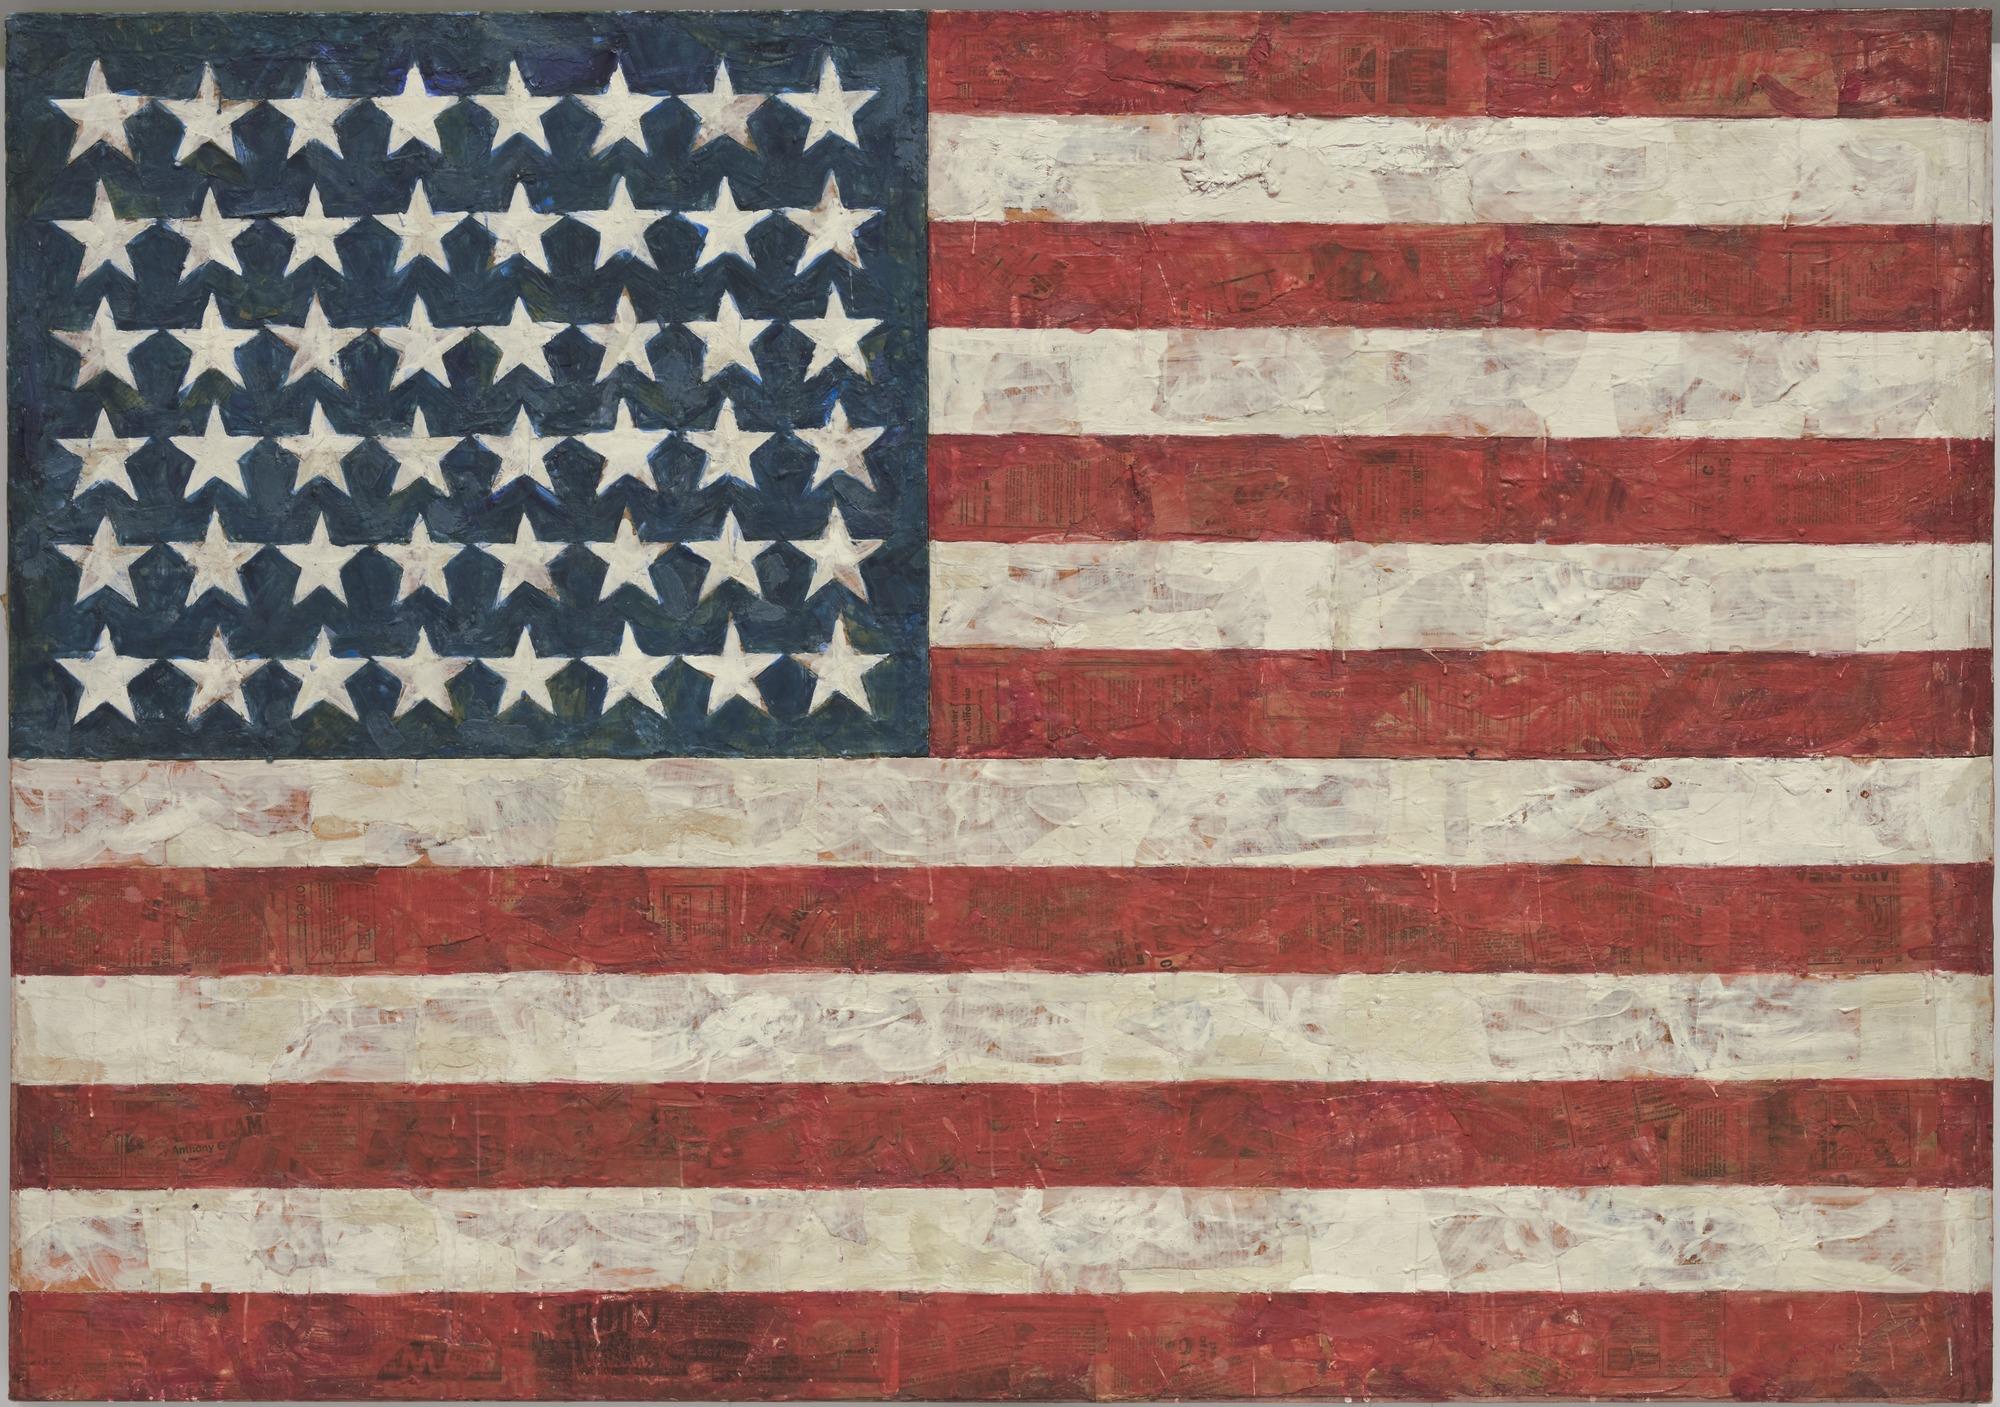 Jasper Johns, Flag 1954 - 1955